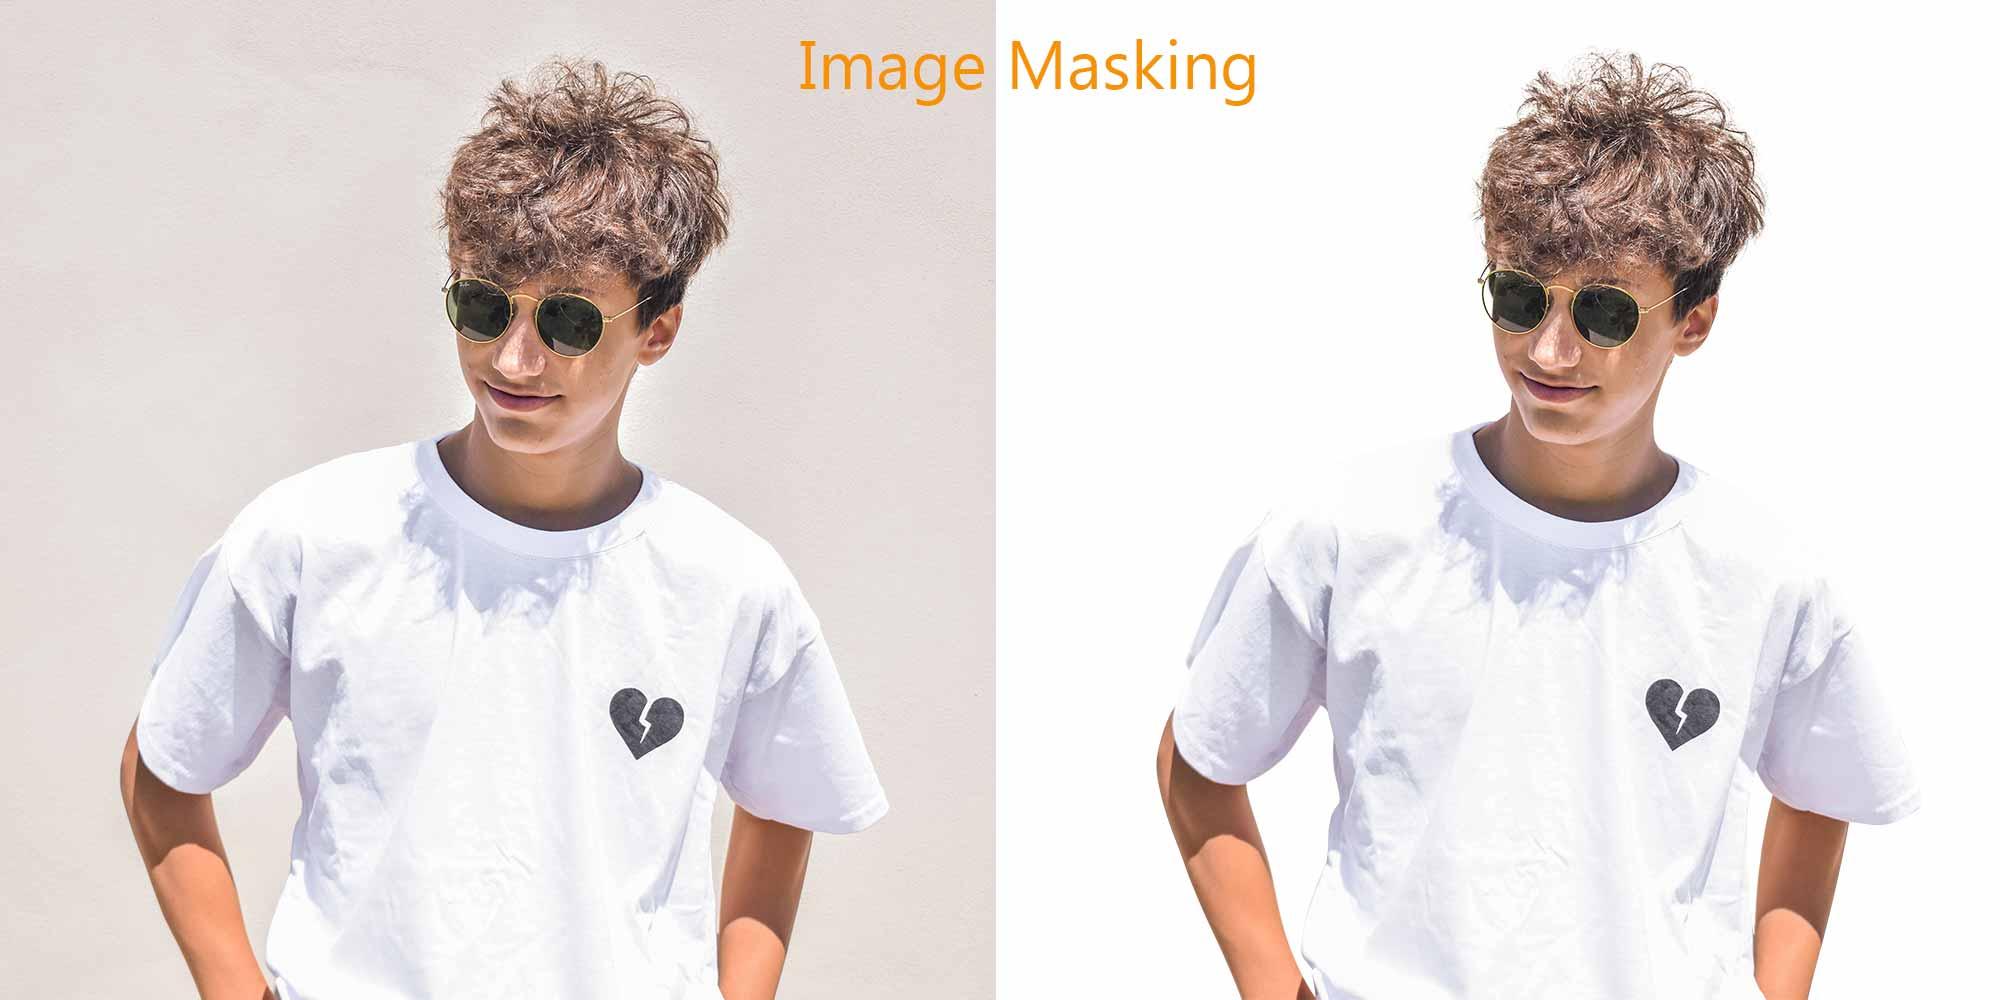 image-masking-service